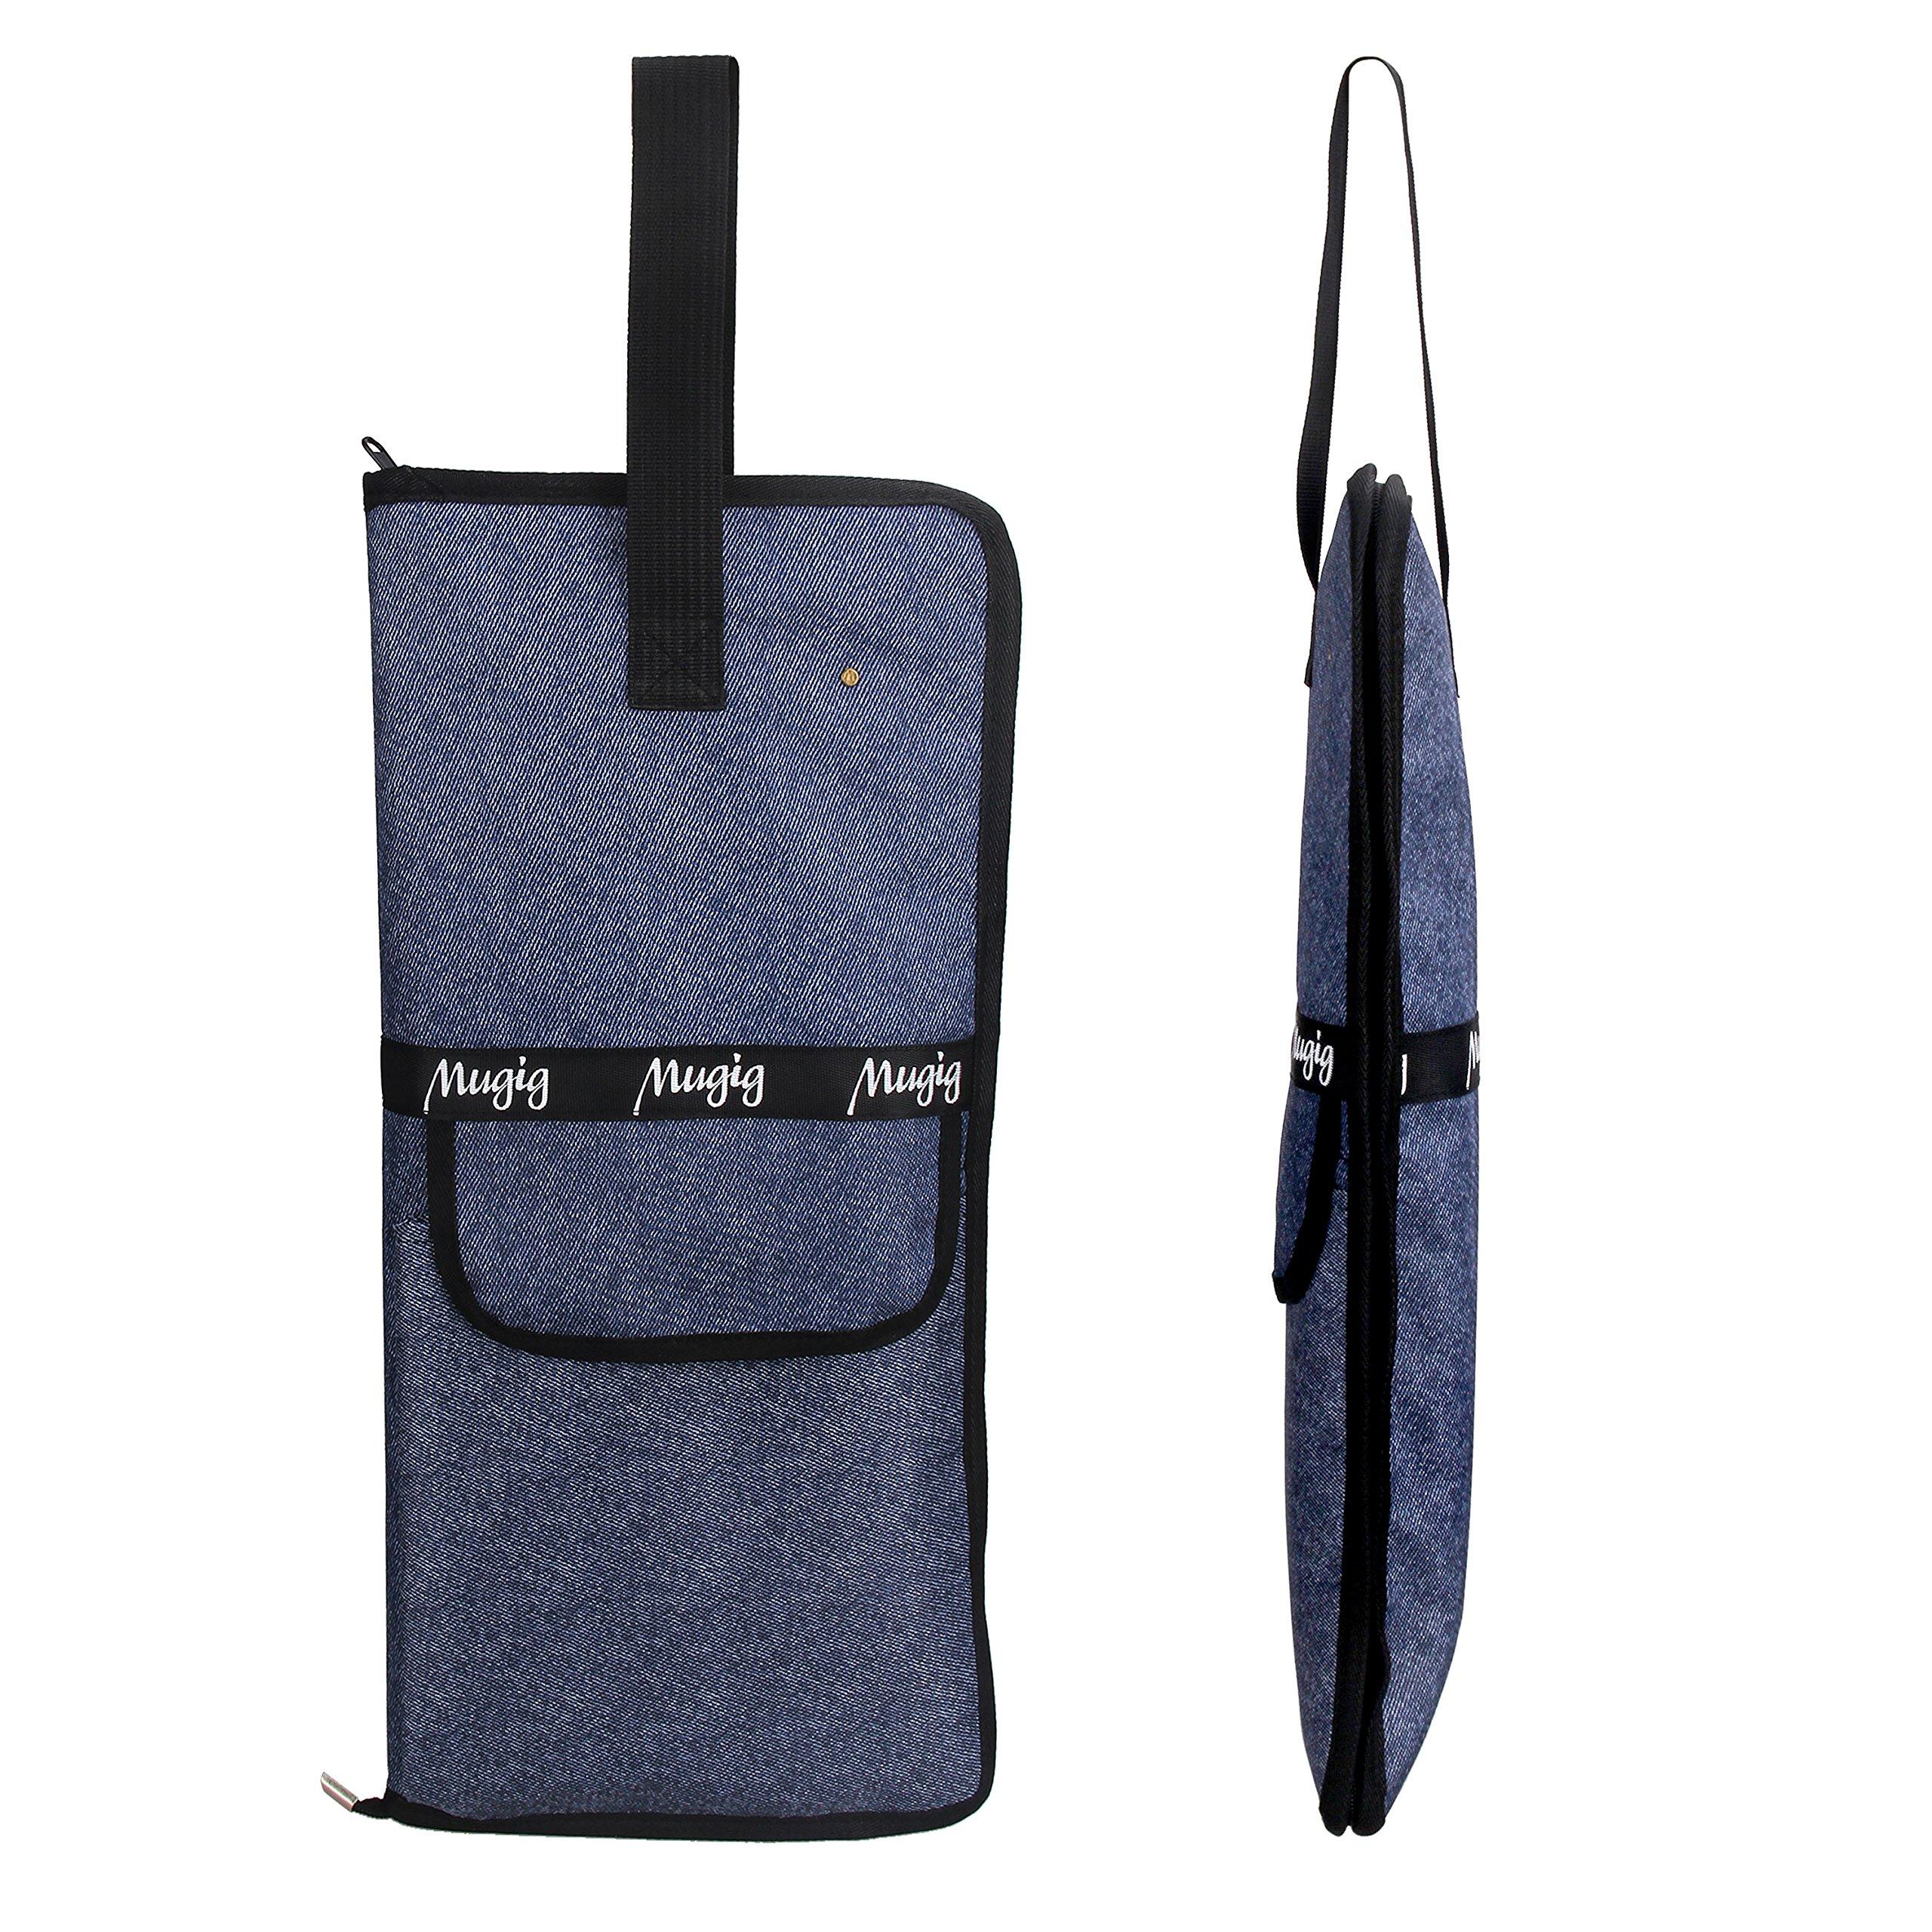 Mugig Trommelstocktasche Drumsticktasche Stick Bag aus wasserdicht Baumwolle (blau)